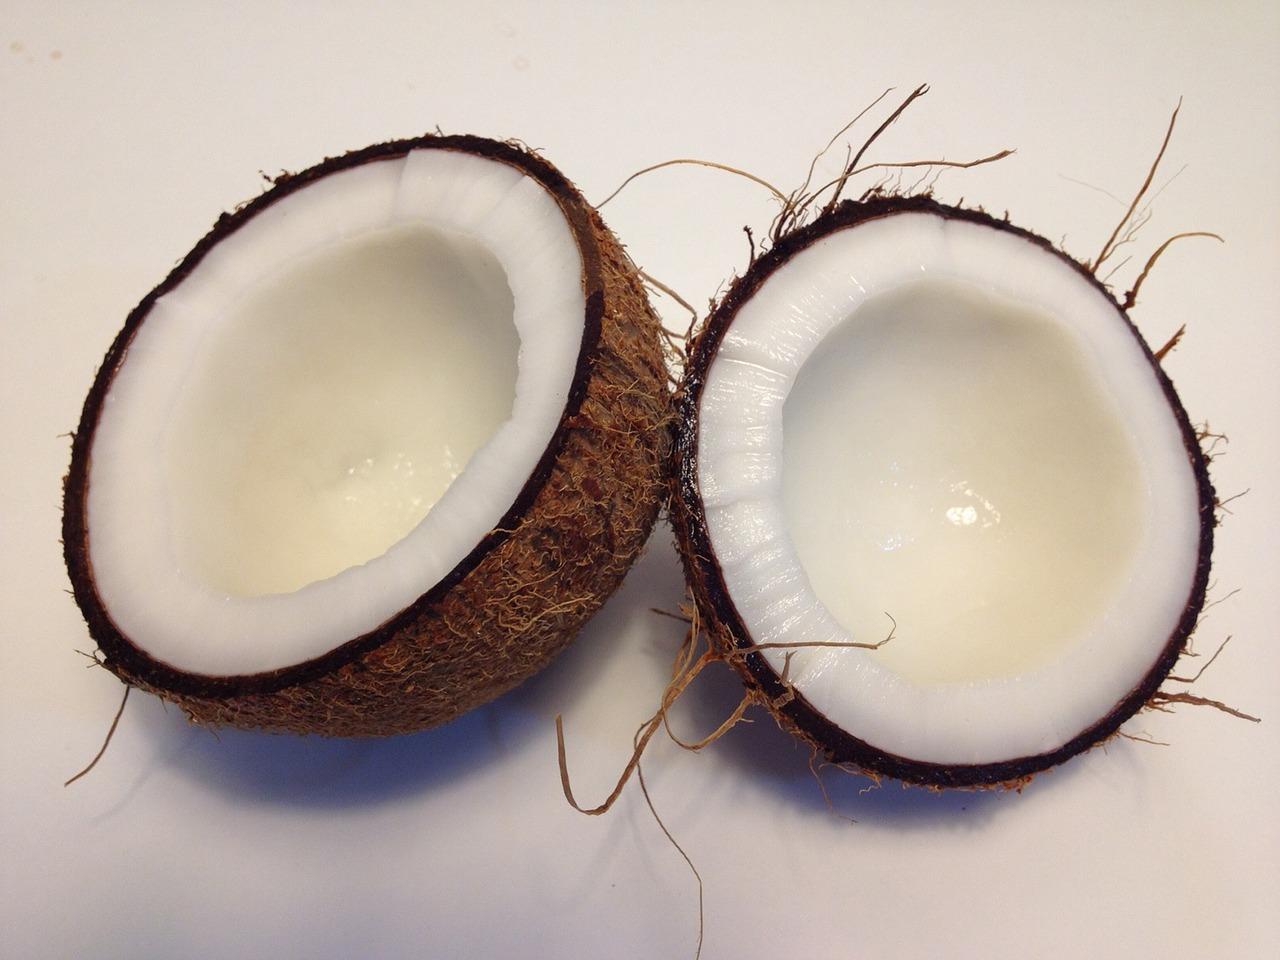 Coco origine sucre coco